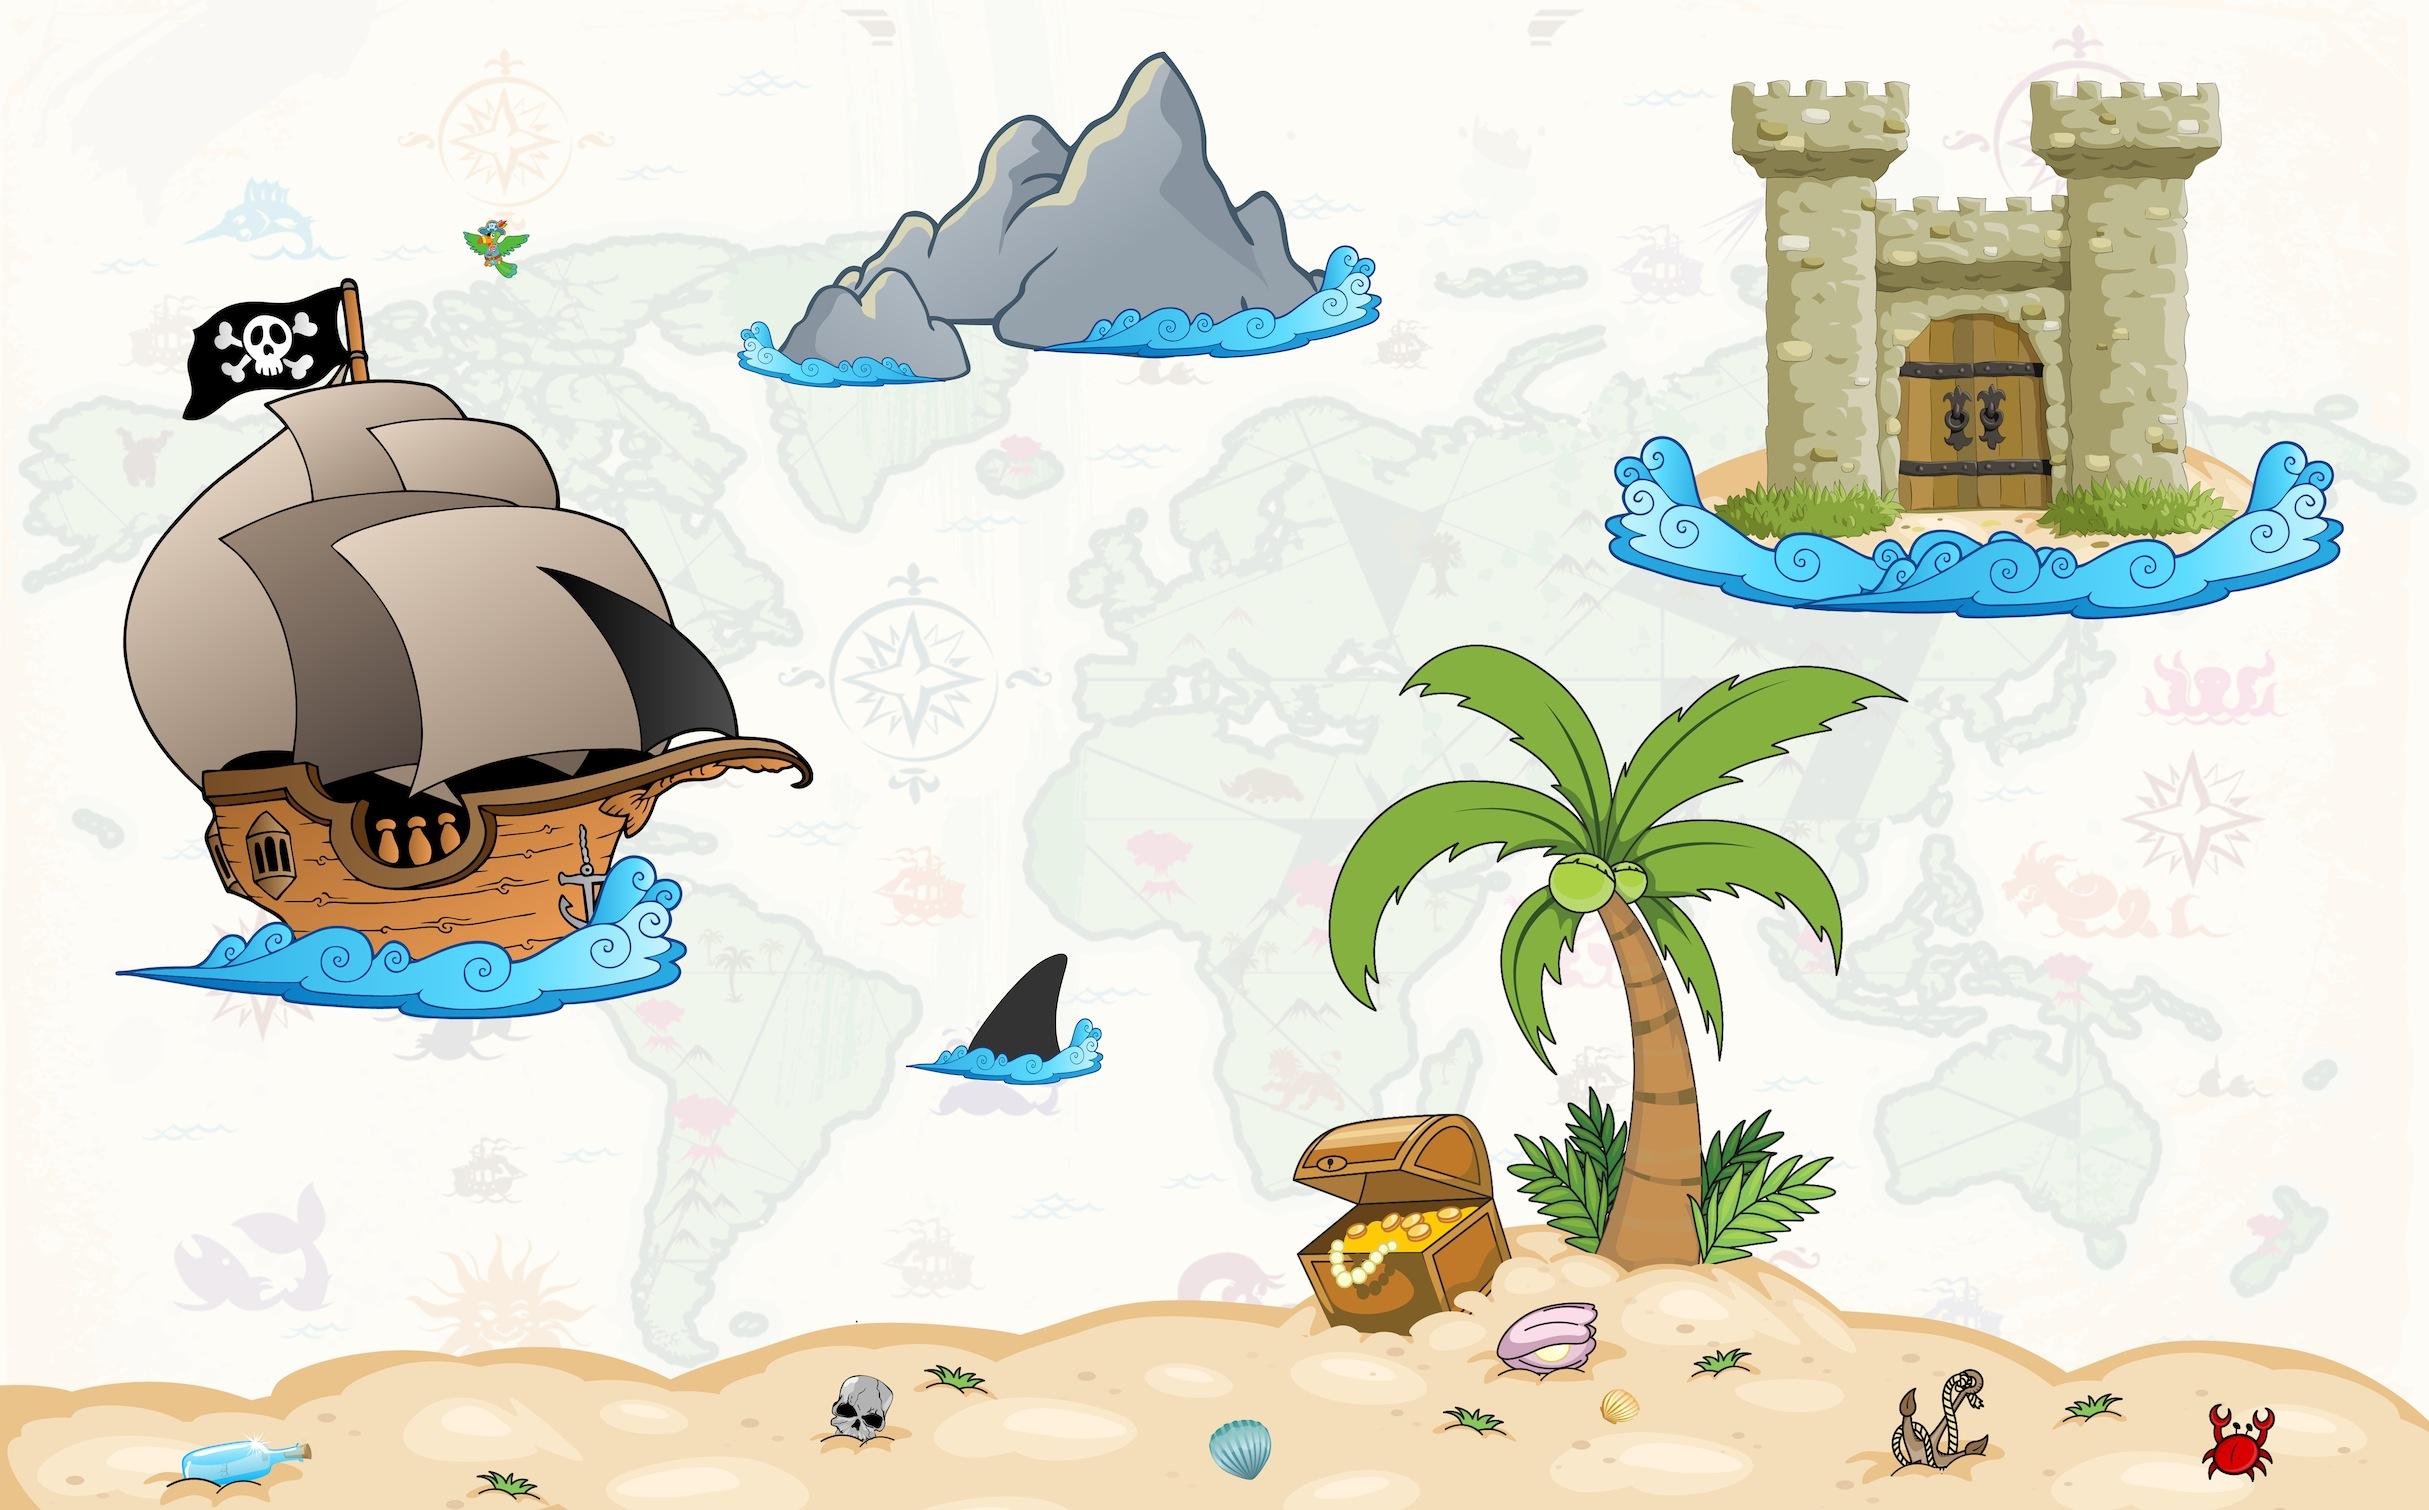 Les pirates papiers peints photo 3D appliqué sur le mur